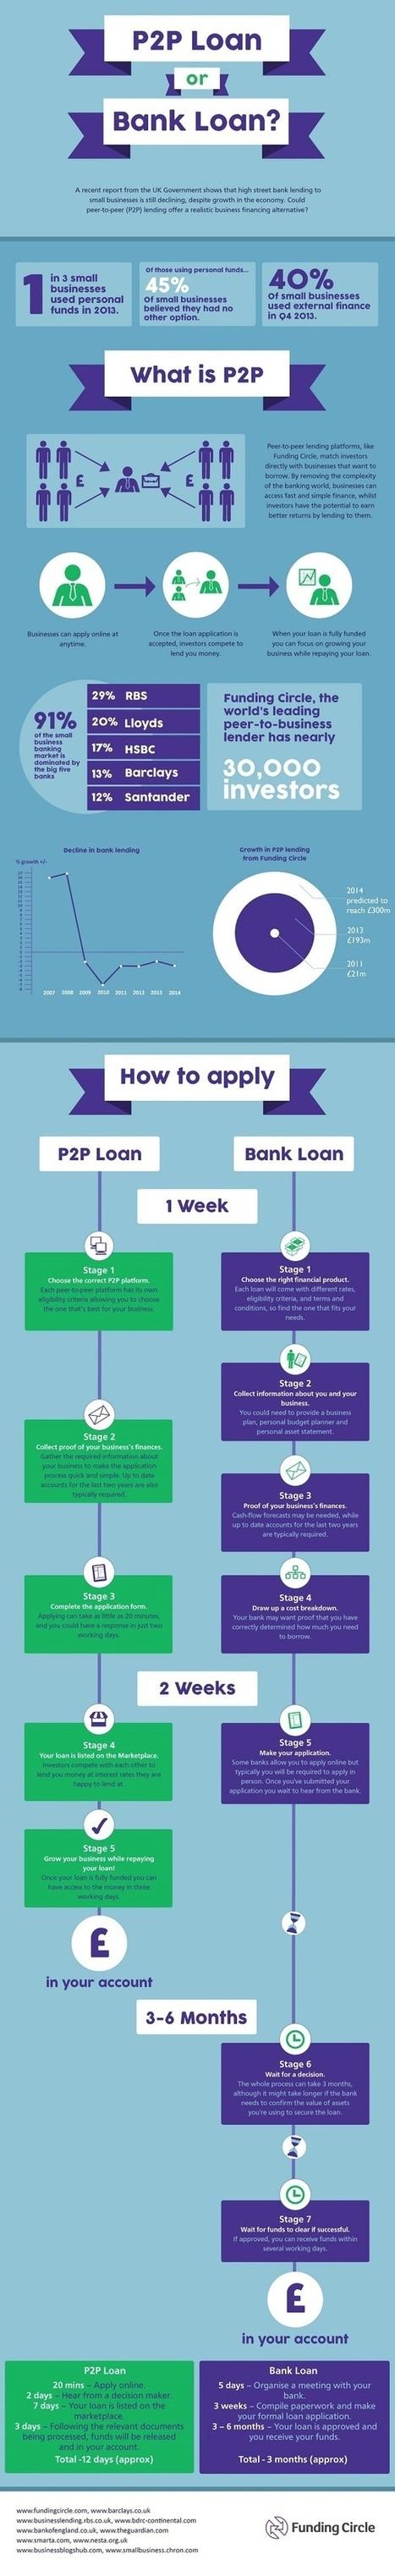 Peer-to-Peer Loan vs. Bank Loan (Infographic) | Crowdfunding | Scoop.it